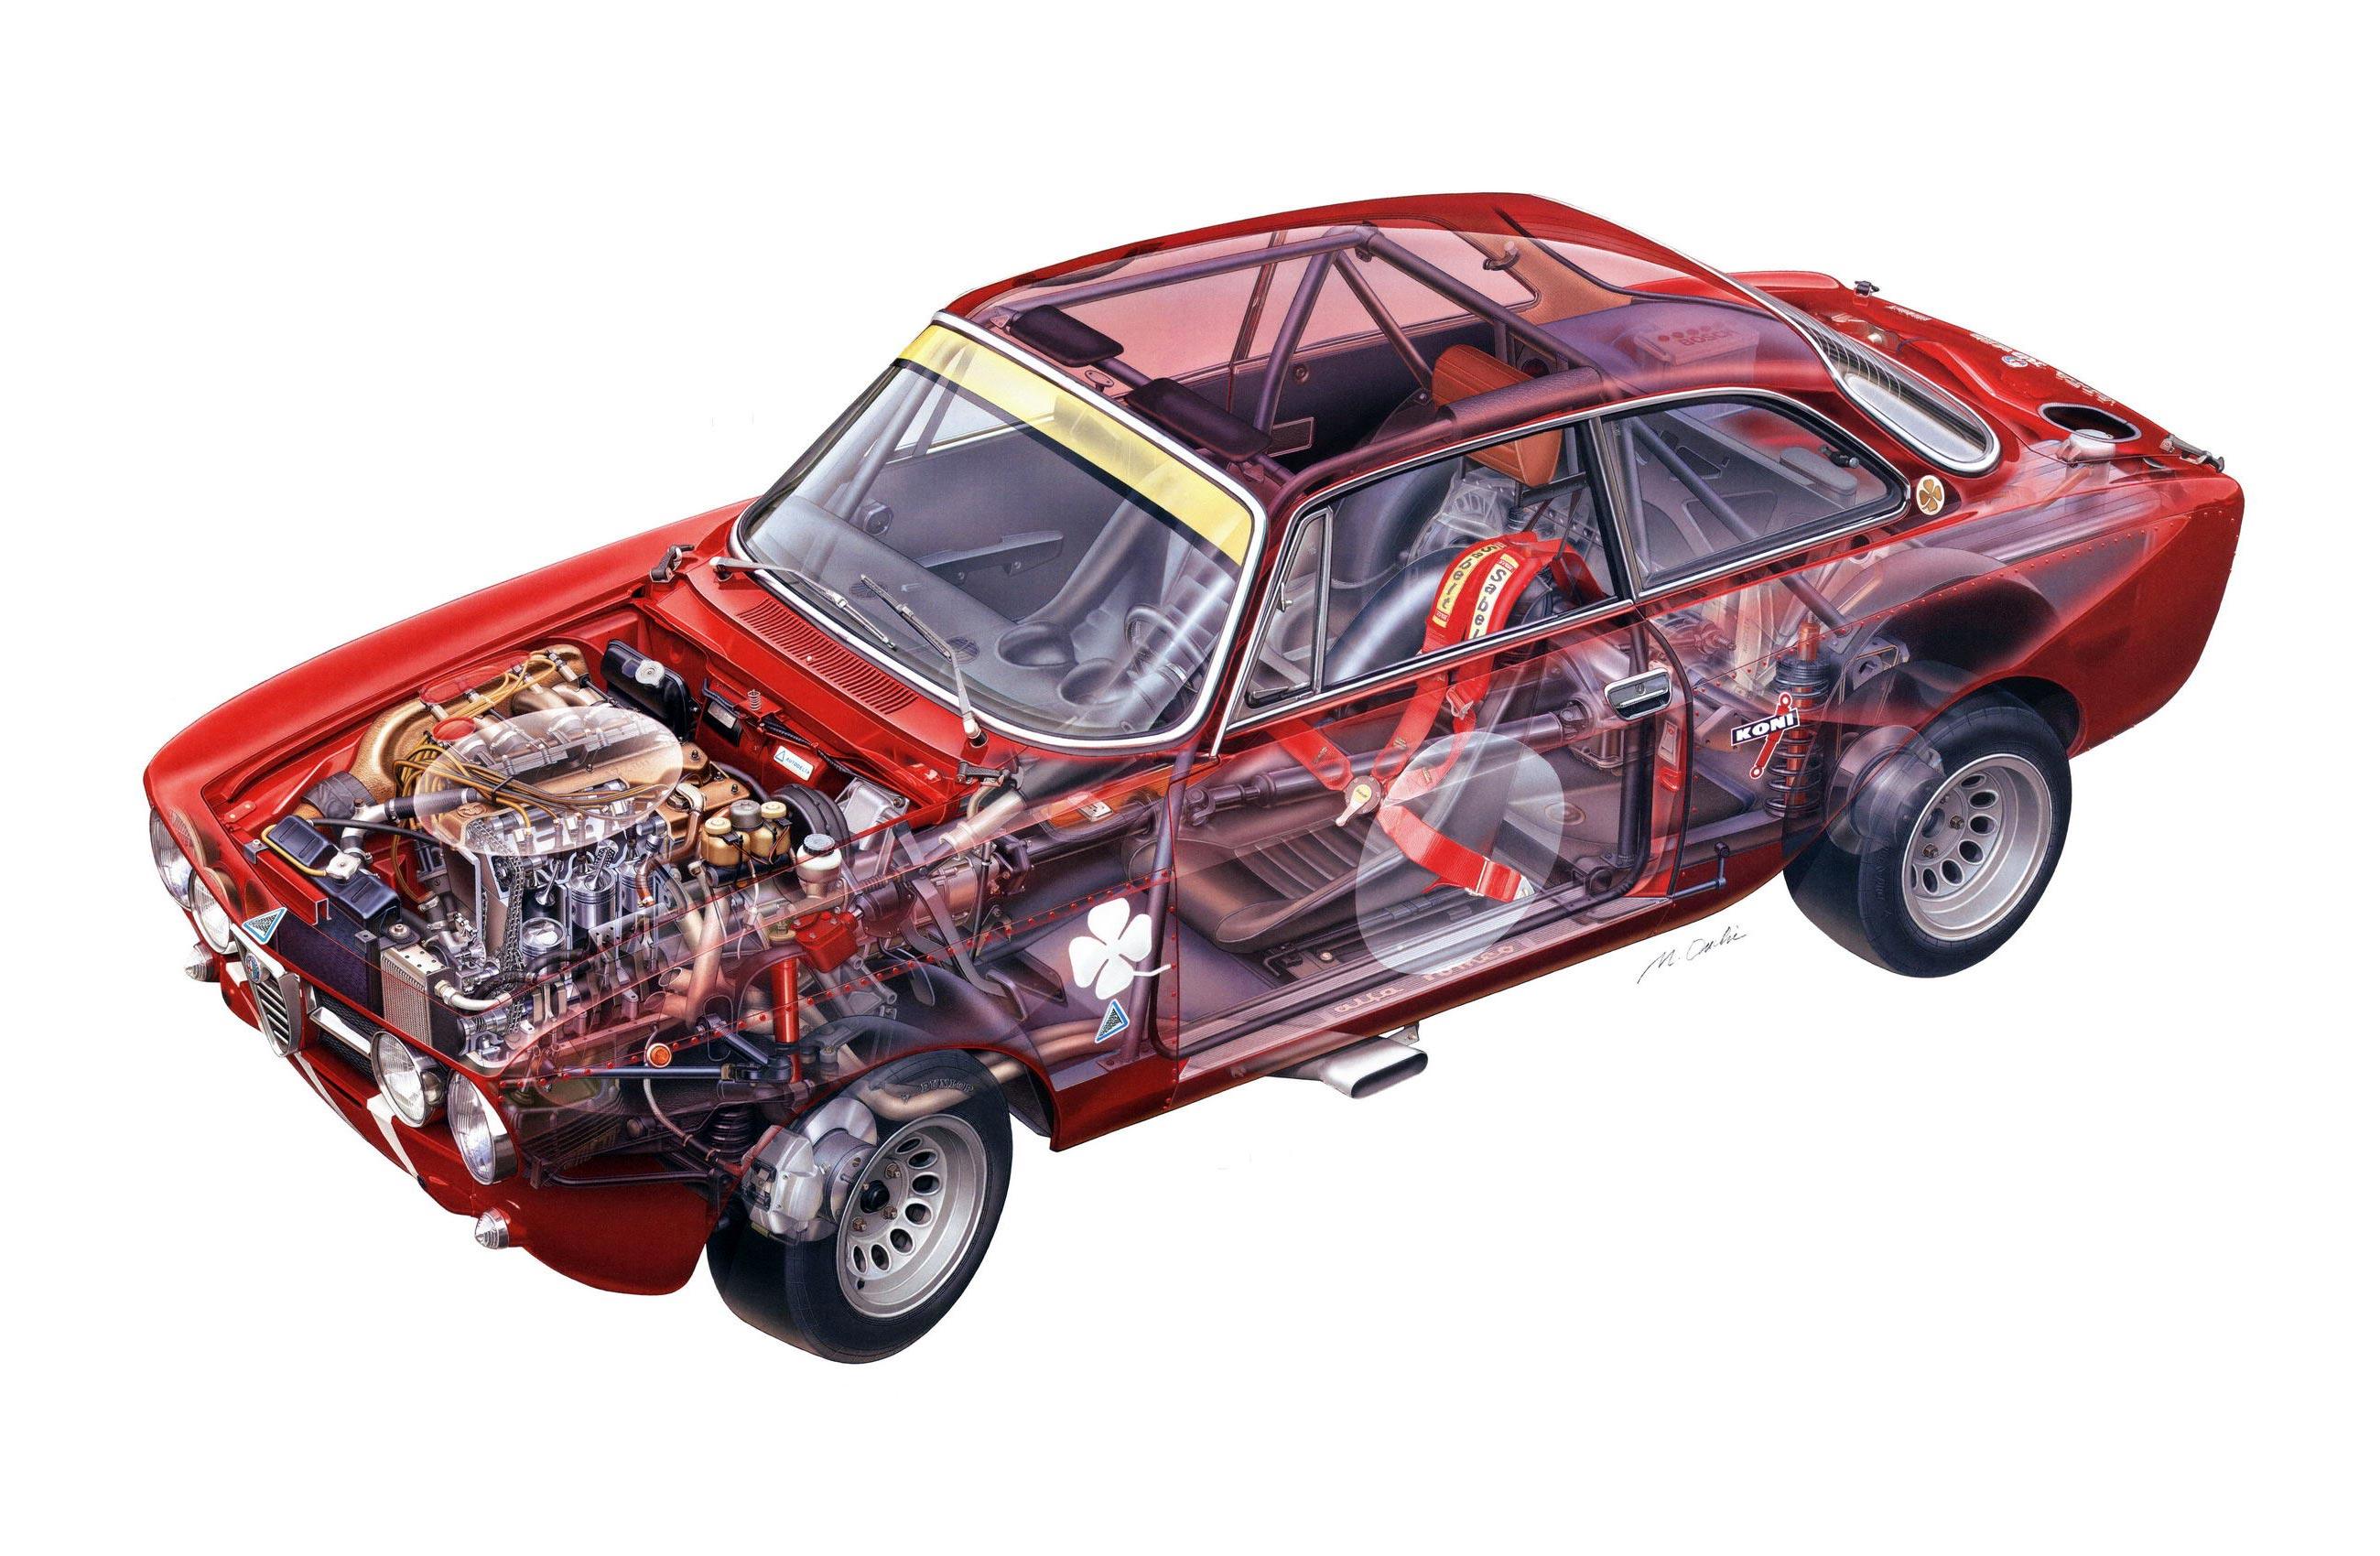 Alfa Romeo 1750 GTAm cutaway drawing